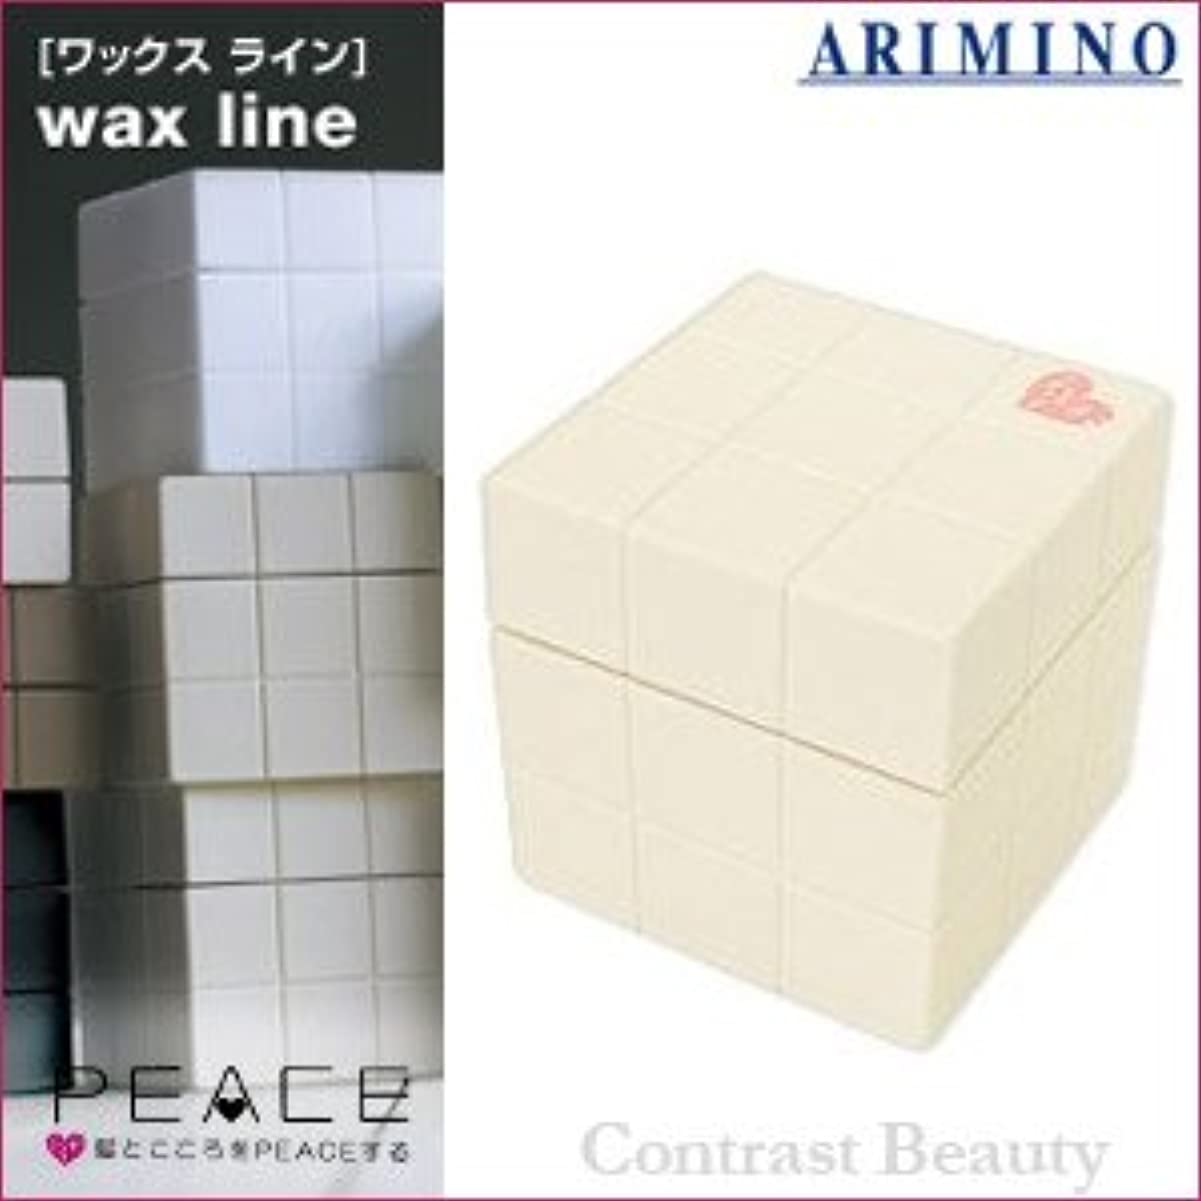 ブローホール先入観兄【X3個セット】 アリミノ ピース プロデザインシリーズ ニュアンスワックス バニラ 80g ARIMINO